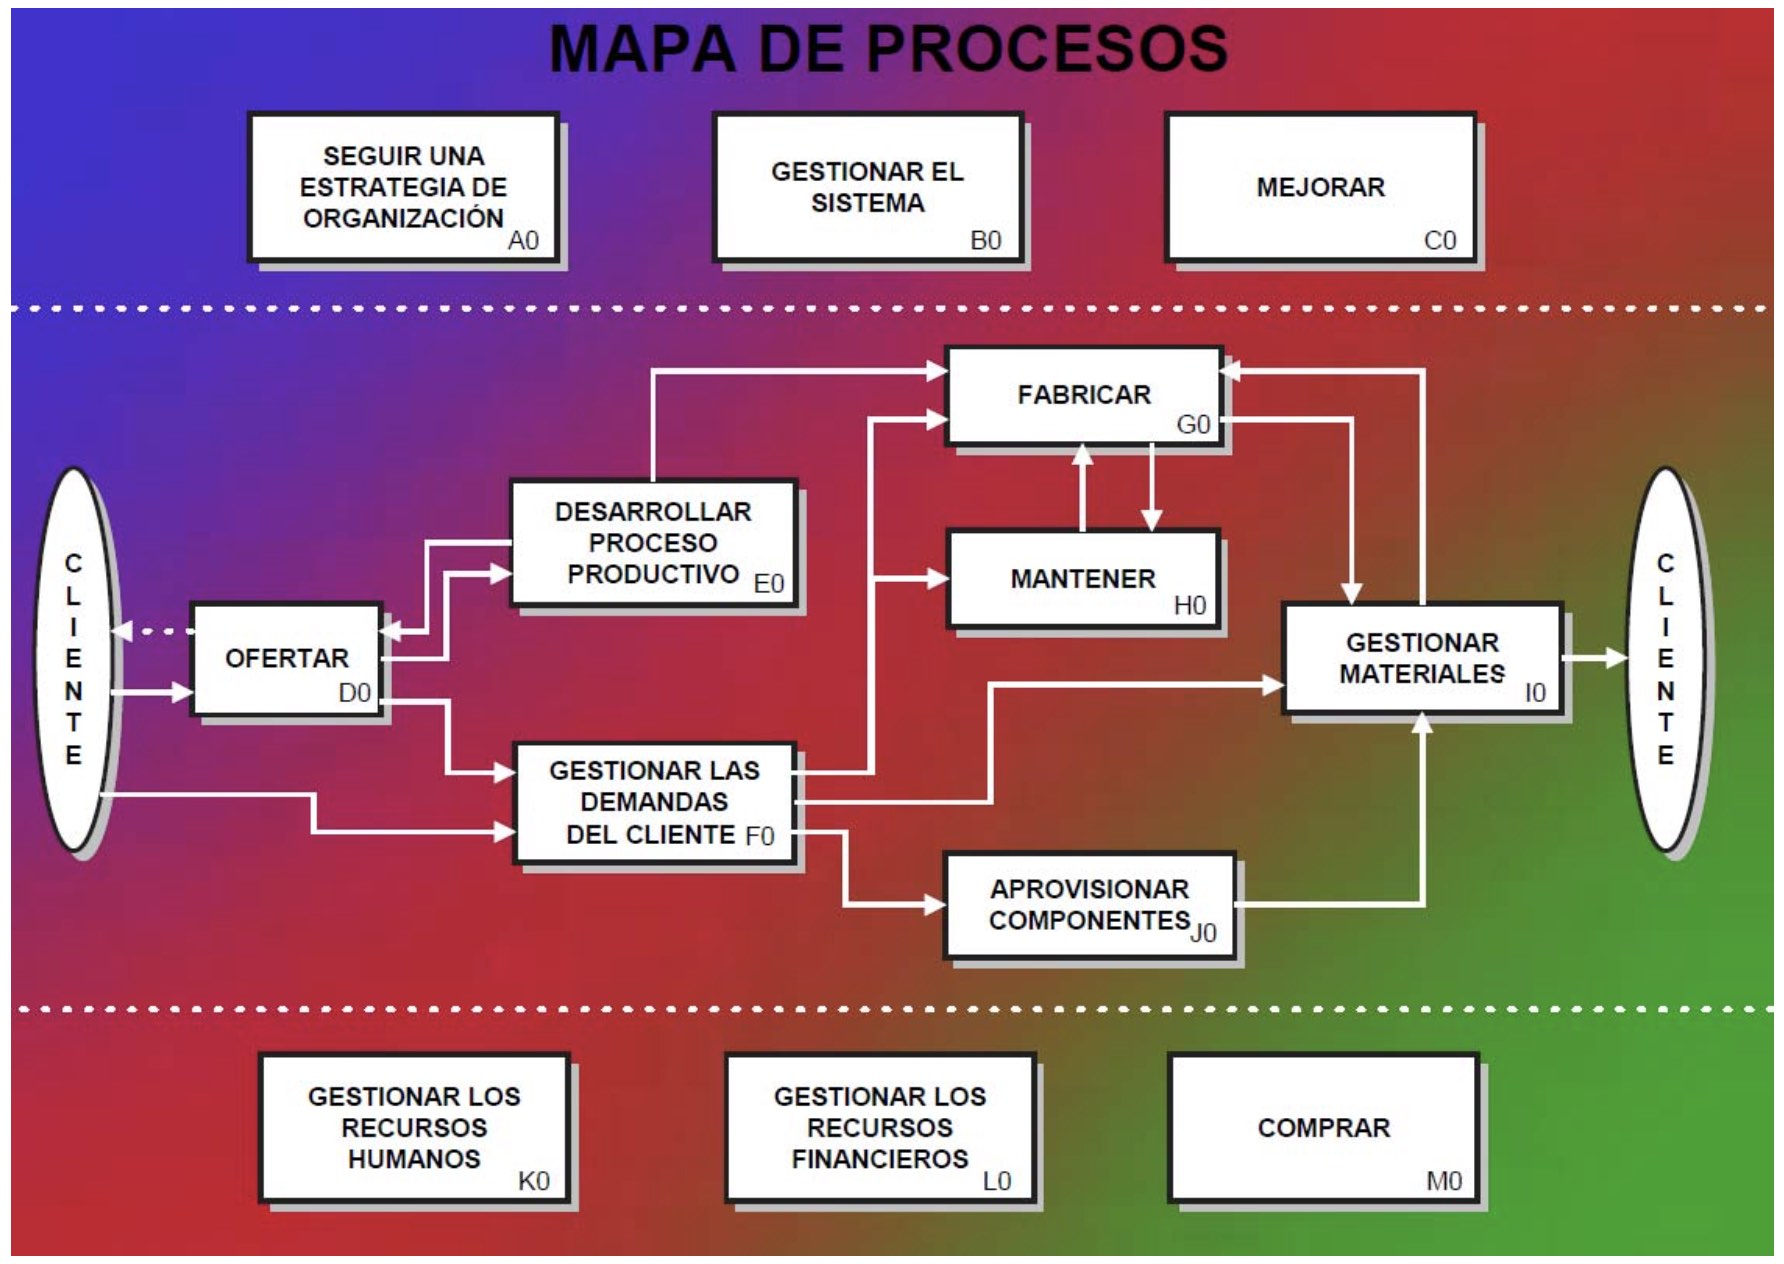 Mapa de procesos gestión calidad Arquima